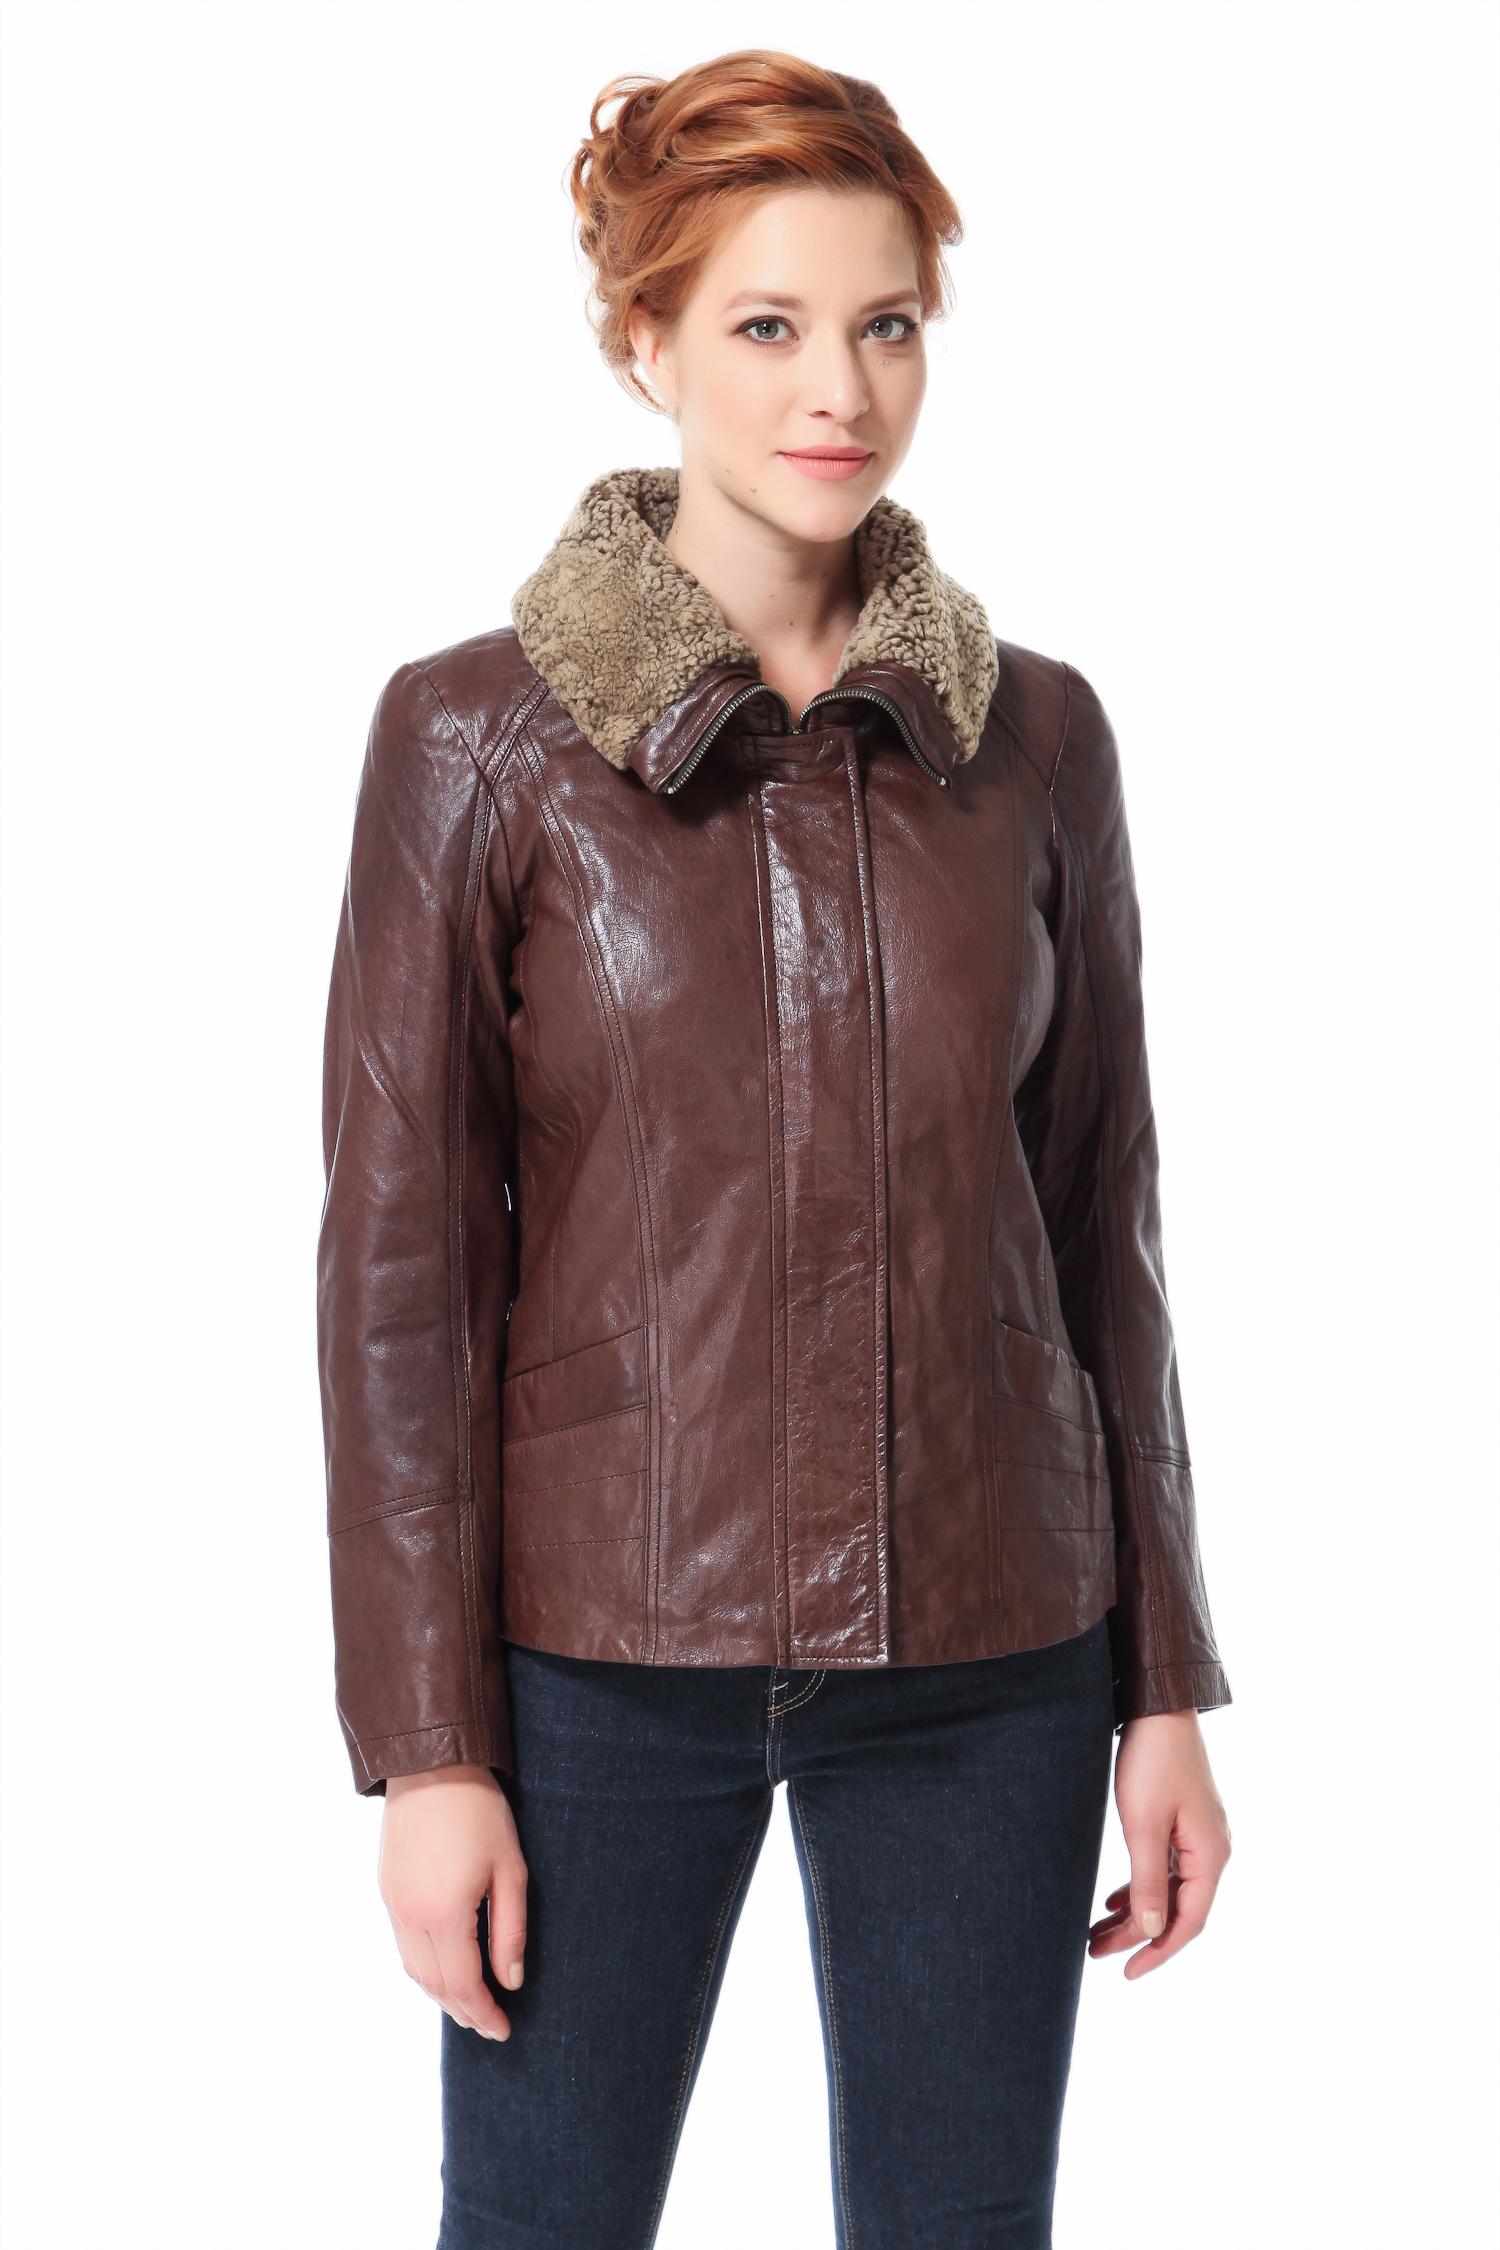 Женская кожаная куртка из натуральной кожи с воротником, отделка овчинаЦвет  гаванской сигары.<br><br>Модель изготовлена из великолепно выделанной кожи теленка  ВЕДЖЕТАЛЬ. В качестве утеплителя использован синтепон.<br><br>Одежда в мужском стиле  тренд сезона , и каждой моднице доподлинно известно, что вещи, позаимствованные из гардероба мужчин, смотрятся на прекрасной половине человечества просто великолепно. Закрытый высокий воротник-стойка с отделкой из овчины, рельефная отстрочка имитирующая реглан, четкая линия плеча, широкая планка, удобная длина, формируют жесткий, современный образ. Модель ярко подчеркнет индивидуальность ее обладательницы, а также позволит не только идти в ногу с модой, но и при этом чувствовать себя тепло, легко и комфортно.<br><br>Воротник: отложной<br>Длина см: Короткая (51-74 )<br>Материал: Кожа овчина<br>Цвет: коричневый<br>Вид застежки: потайная<br>Застежка: на молнии<br>Пол: Женский<br>Размер RU: 42